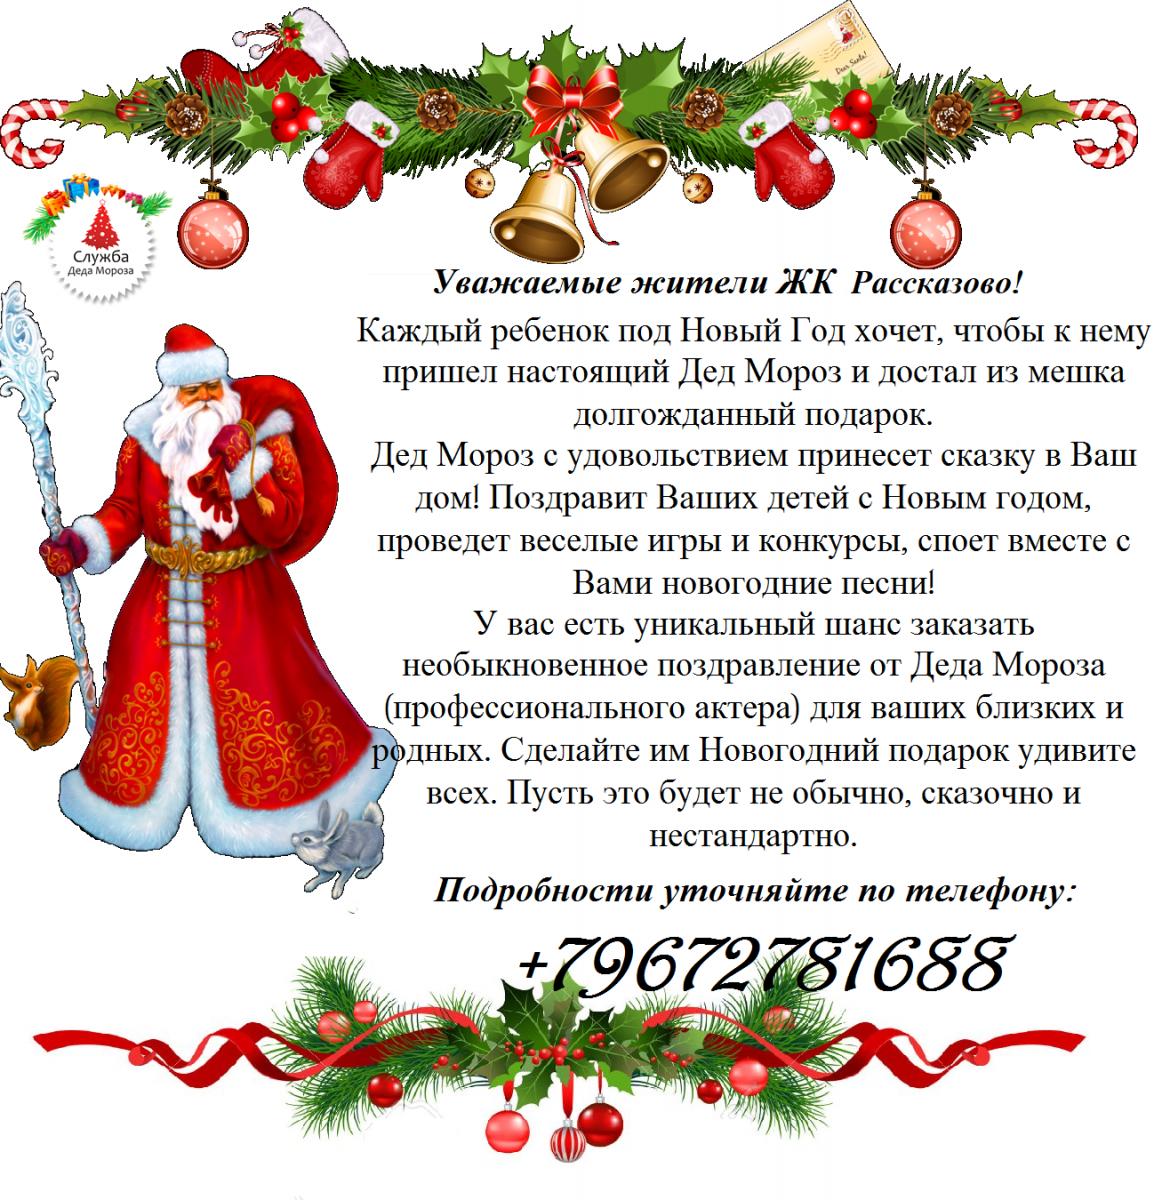 Новогодние поздравления от Деда Мороза и Снегурочки 48